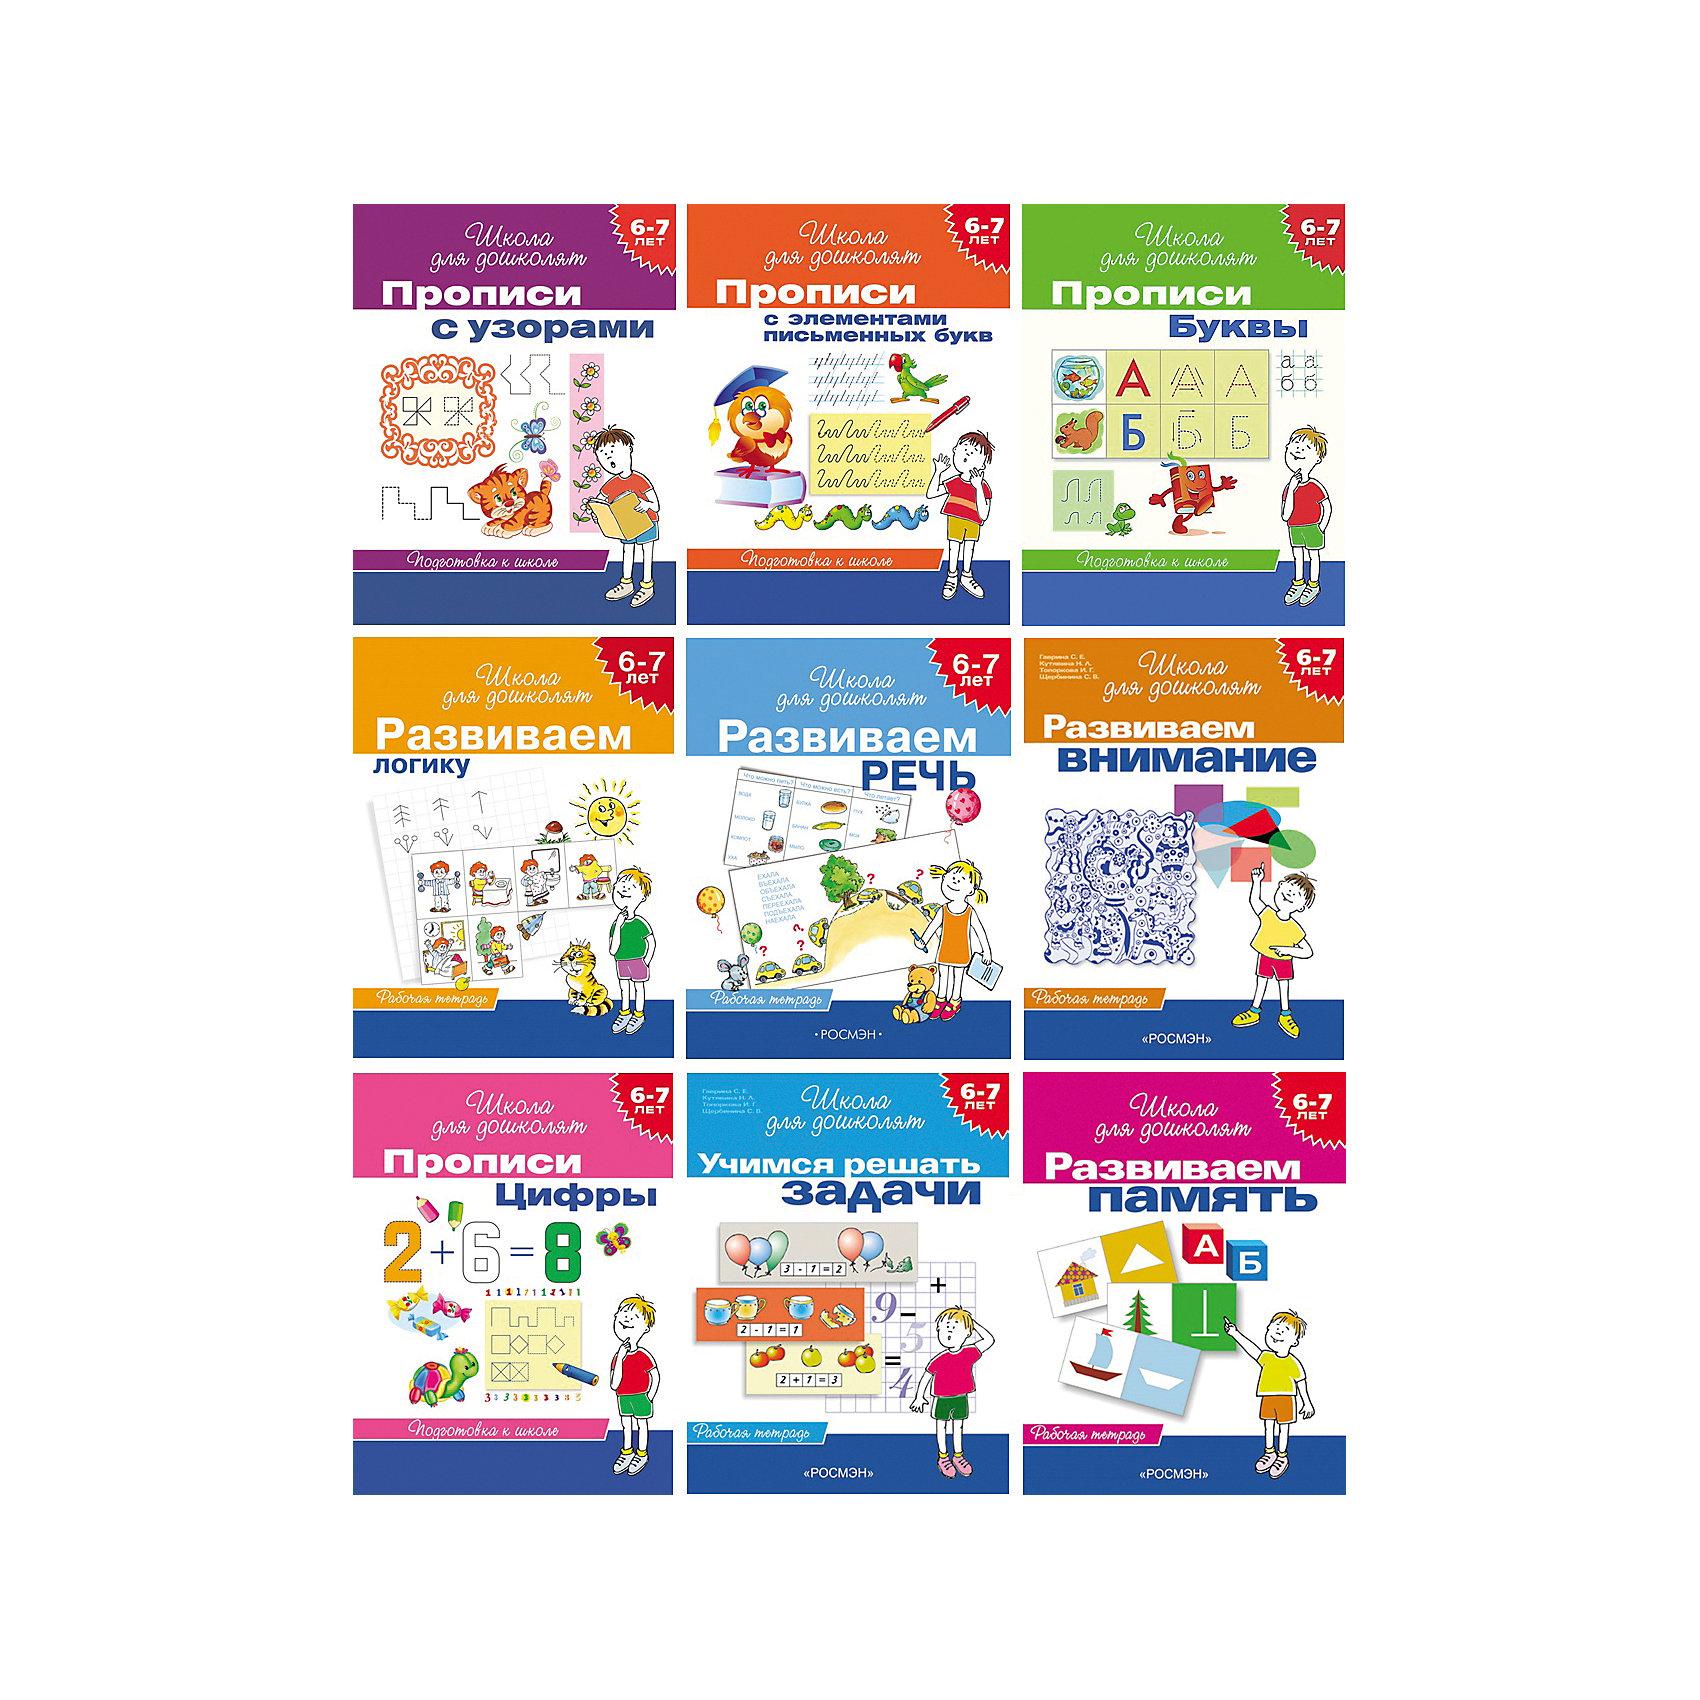 Комплект Школа для дошколятРосмэн<br>Серия Школа для дошколят, созданная квалифицированными педагогами и детскими психологами, очень популярна в дошкольных общеобразовательных учреждениях, на курсах подготовки к школе и в начальных классах. Уникальная методика, используемая в пособиях, способствует развитию навыков, необходимых будущему первокласснику. Каждая из книг посвящена определенной теме: тренировка речи, памяти, обучение грамоте, чтению и навыкам счета.<br>В комплект №2 входят прописи и рабочие тетради, рассчитанные для детей 6-7 лет: <br>1) Прописи с узорами, 16 стр. 2) Прописи с элементами письменных букв, 16 стр. 3) Прописи. Буквы, 16 стр. 4) Прописи. Цифры, 16 стр. 5) Учимся логически мыслить (6-7 лет), 24 стр. 6) Развиваем речь (4 кр.), 24 стр. 7) Развиваем внимание (раб. тетрадь), 24 стр. 8) Развиваем память (раб. тетрадь), 24 стр. 9) Учимся решать задачи (раб. тетрадь), 24 стр.<br><br> Дополнительная информация:<br><br>- издательство: Росмэн.<br>- тип обложки: мягкий переплет.<br>- оформление: картонный футляр.<br>- иллюстрации: черно-белые.<br>- год издания: 2015.<br>- кол-во страниц: 152.<br>- серия: Школа Для Дошколят.<br><br>Серию Школа для дошколят можно купить в нашем интернет-магазине<br><br>Ширина мм: 255<br>Глубина мм: 195<br>Высота мм: 12<br>Вес г: 380<br>Возраст от месяцев: 60<br>Возраст до месяцев: 84<br>Пол: Унисекс<br>Возраст: Детский<br>SKU: 4993488